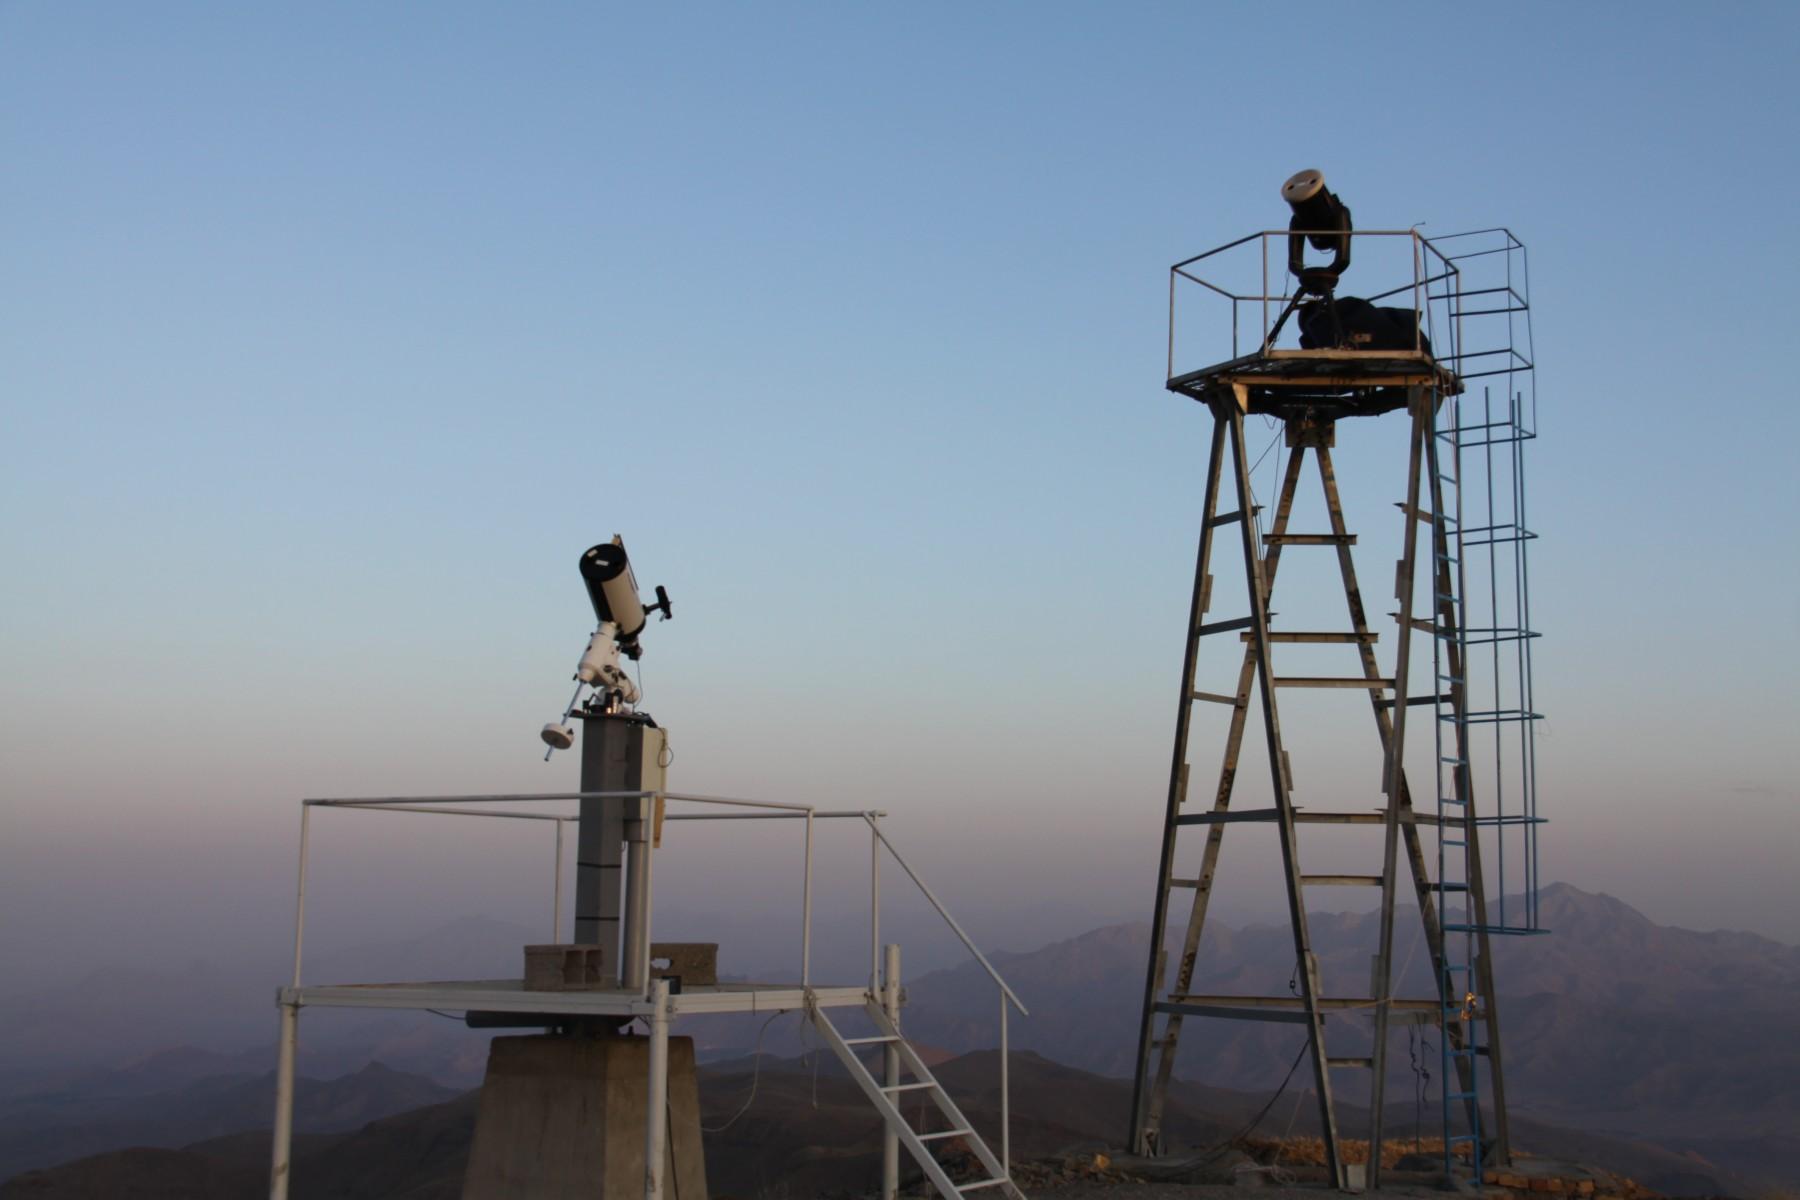 اندازه گیری دید نجومی با استفاده از دو تلسکوپ کوچک نصب شده در ارتفاعات مختلف